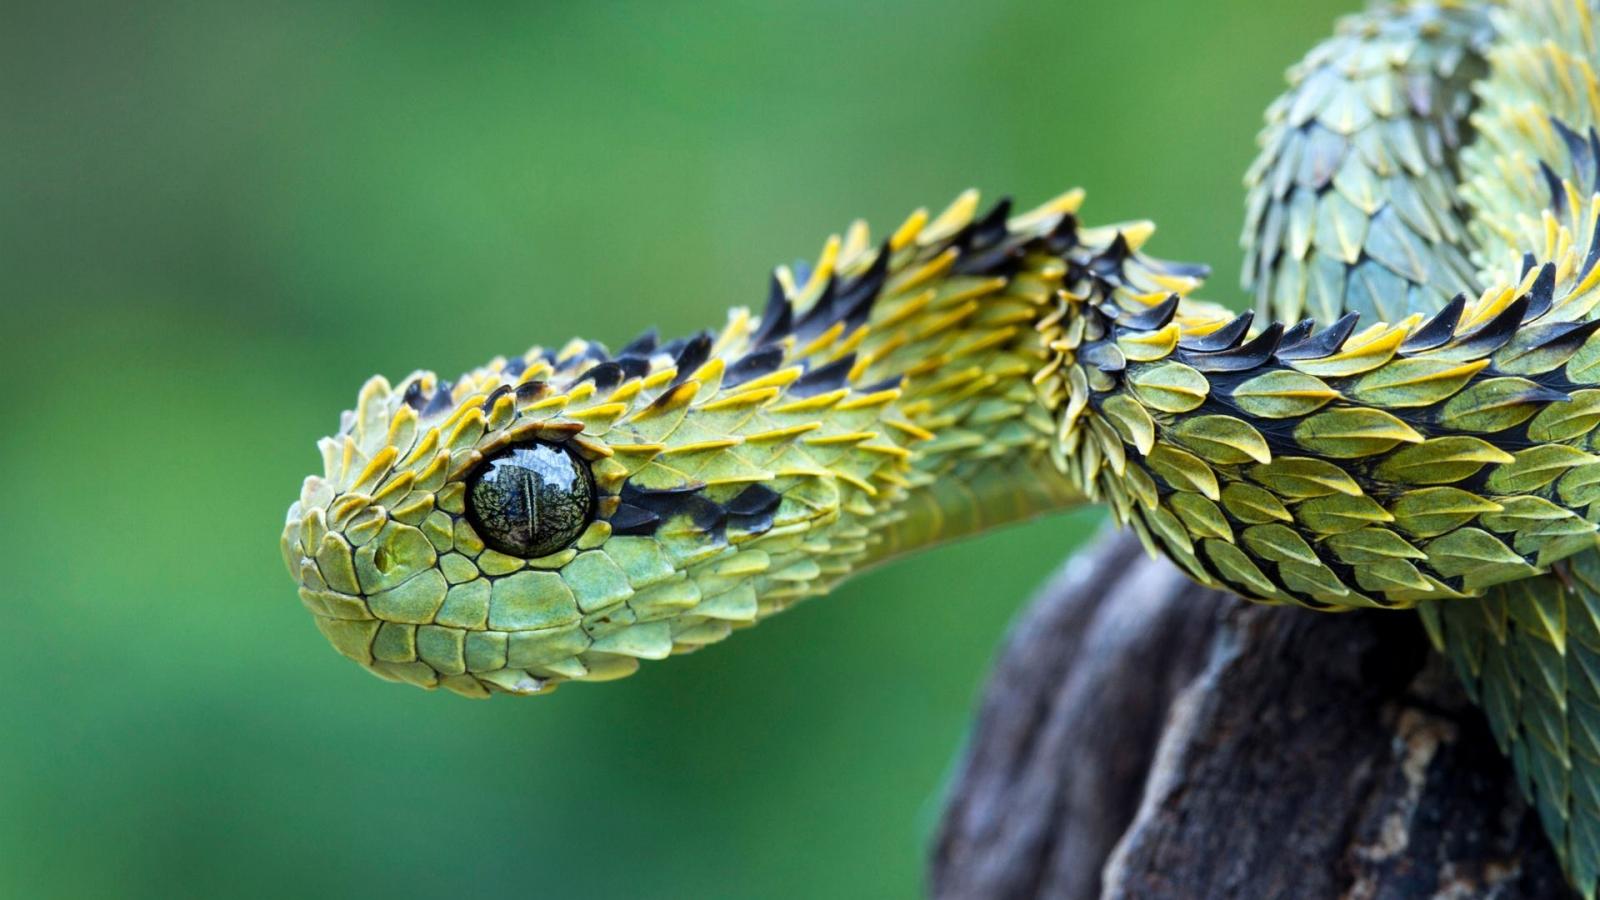 La serpiente viper - 1600x900